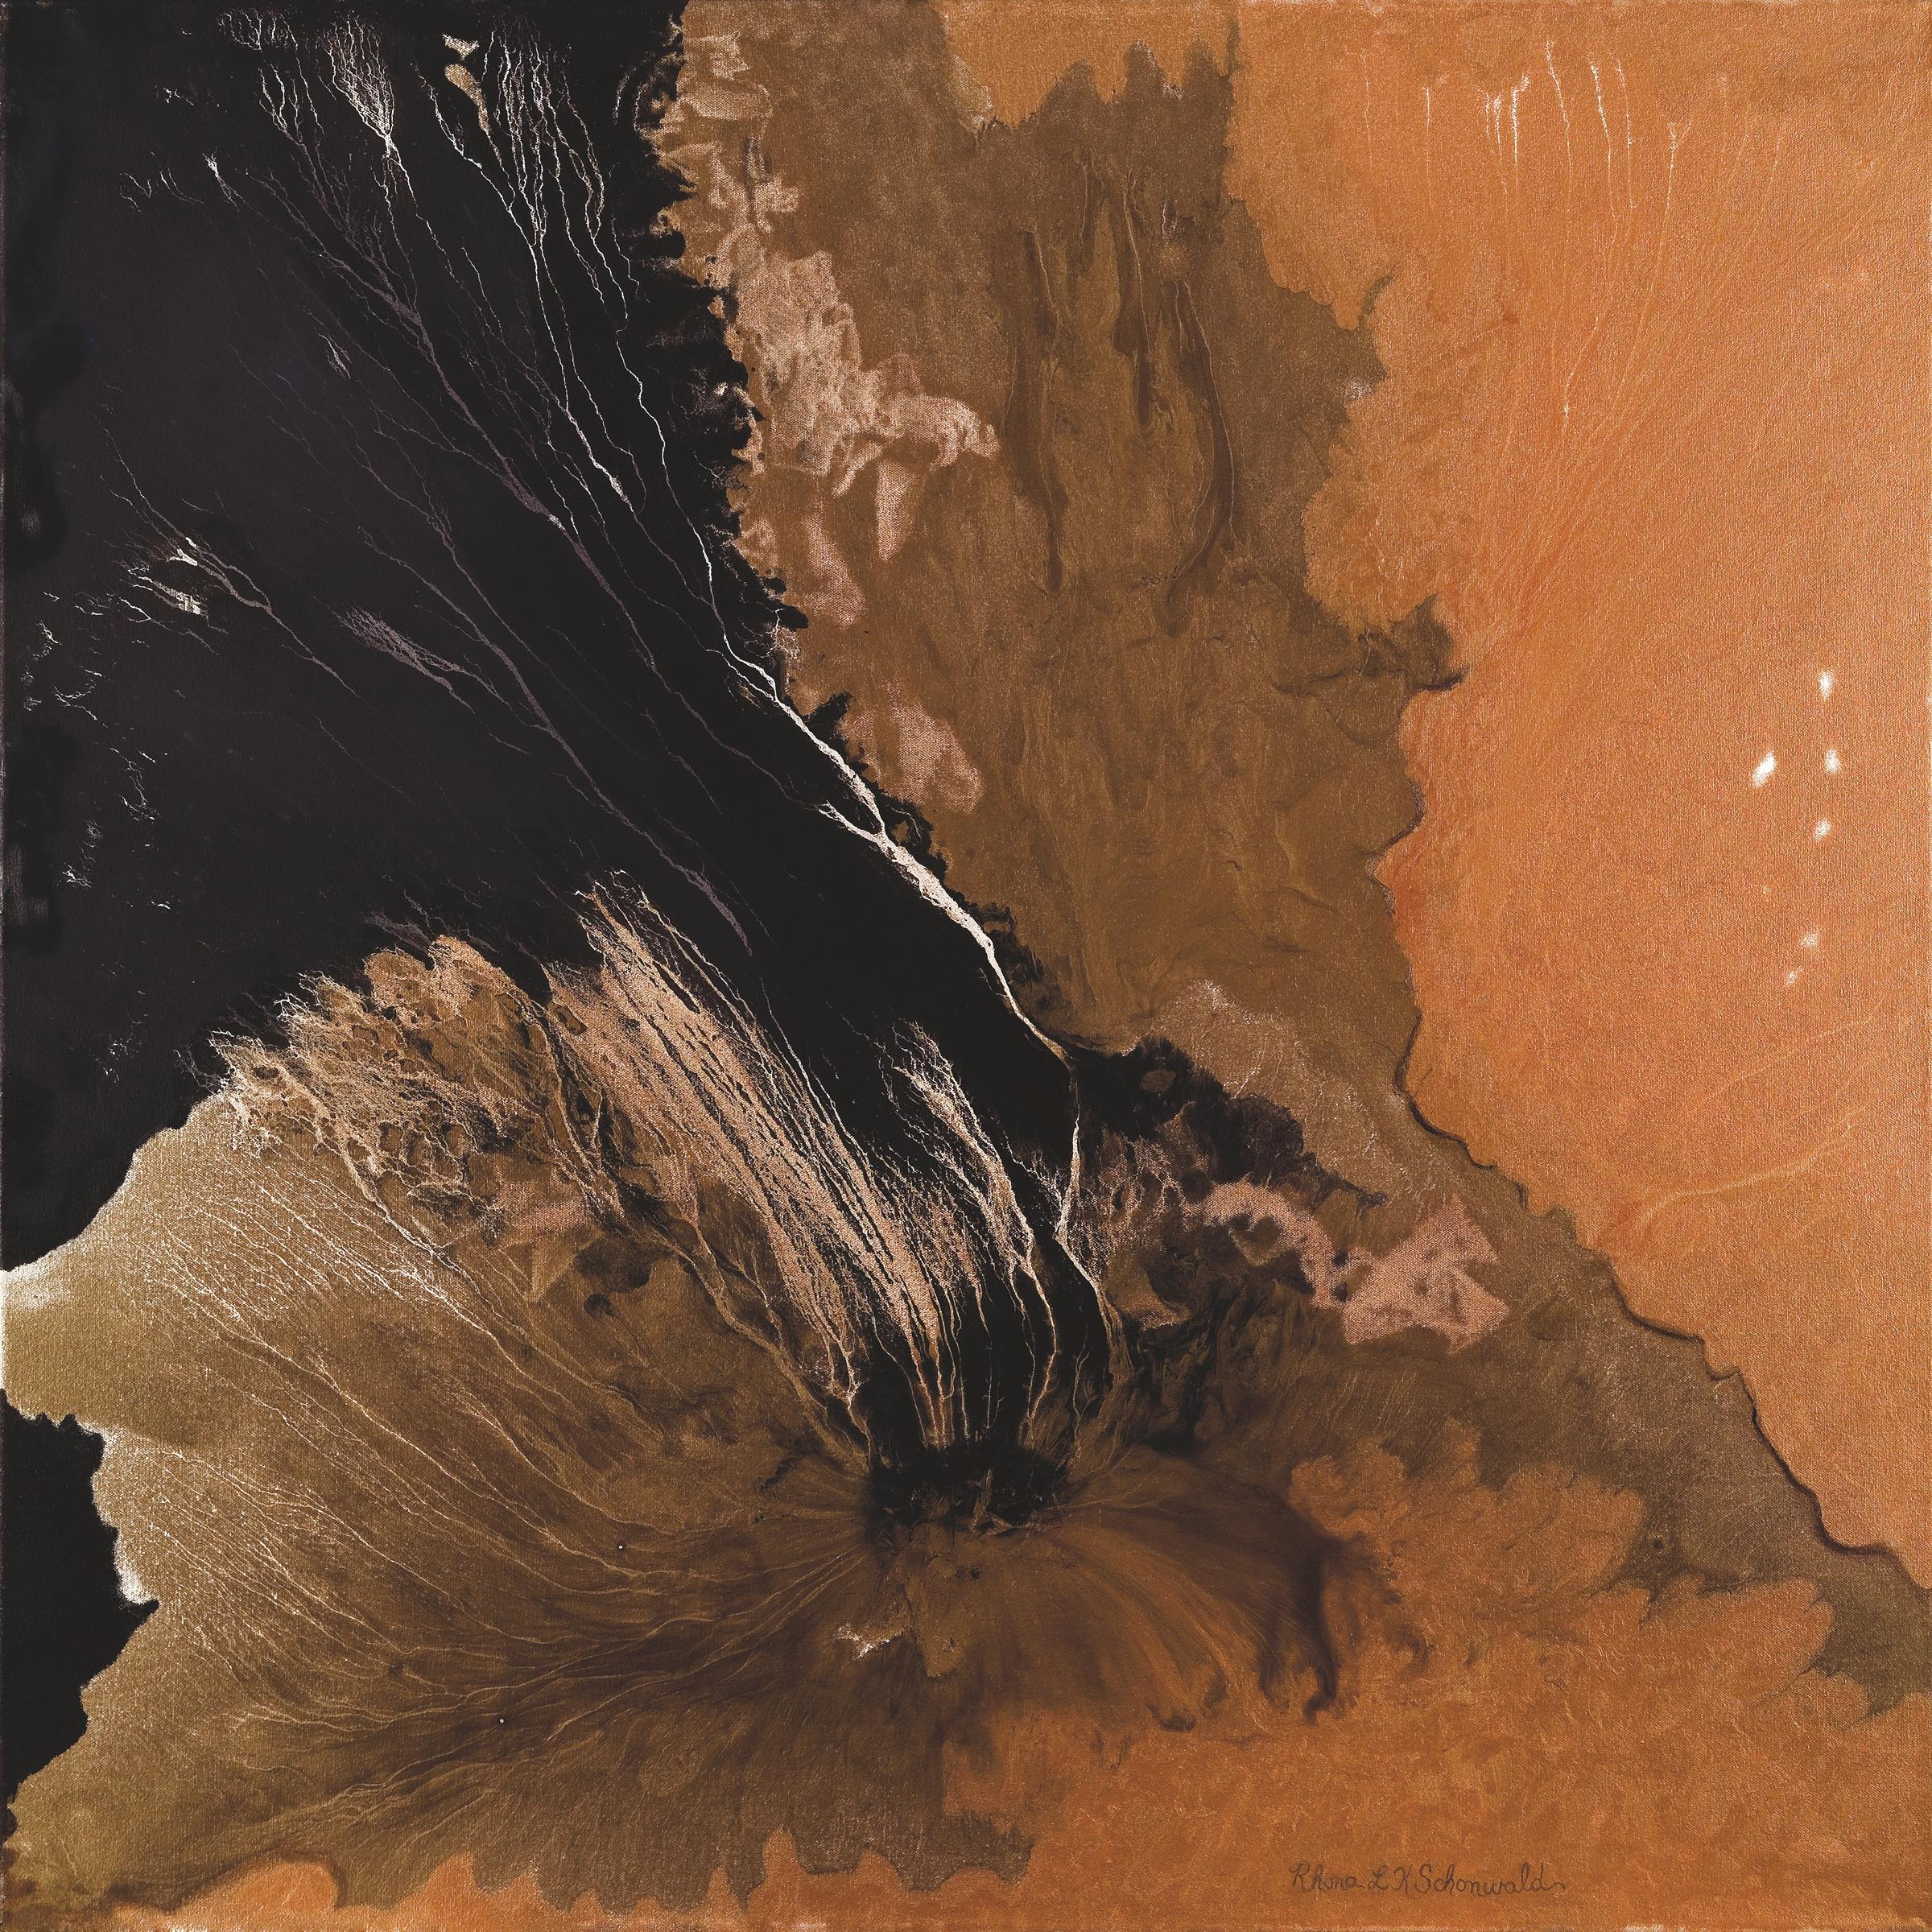 Gold canyon 2 sized ouglpf